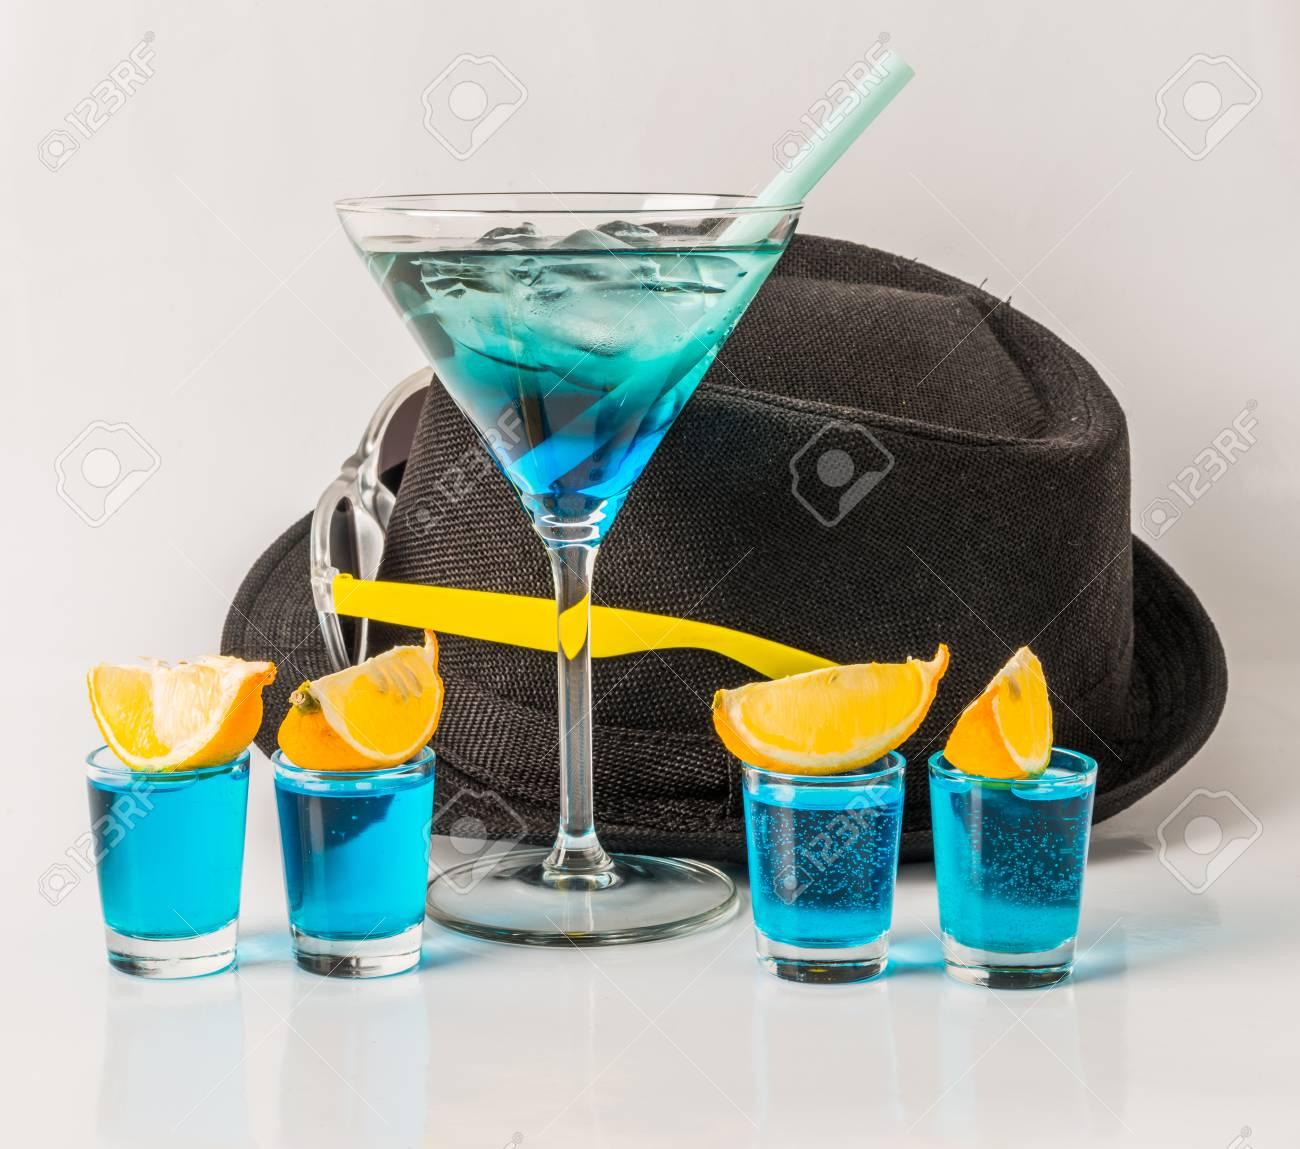 Buntes Getränk In Einer Martini-Glas-, Blauen Und Grünenkombination ...